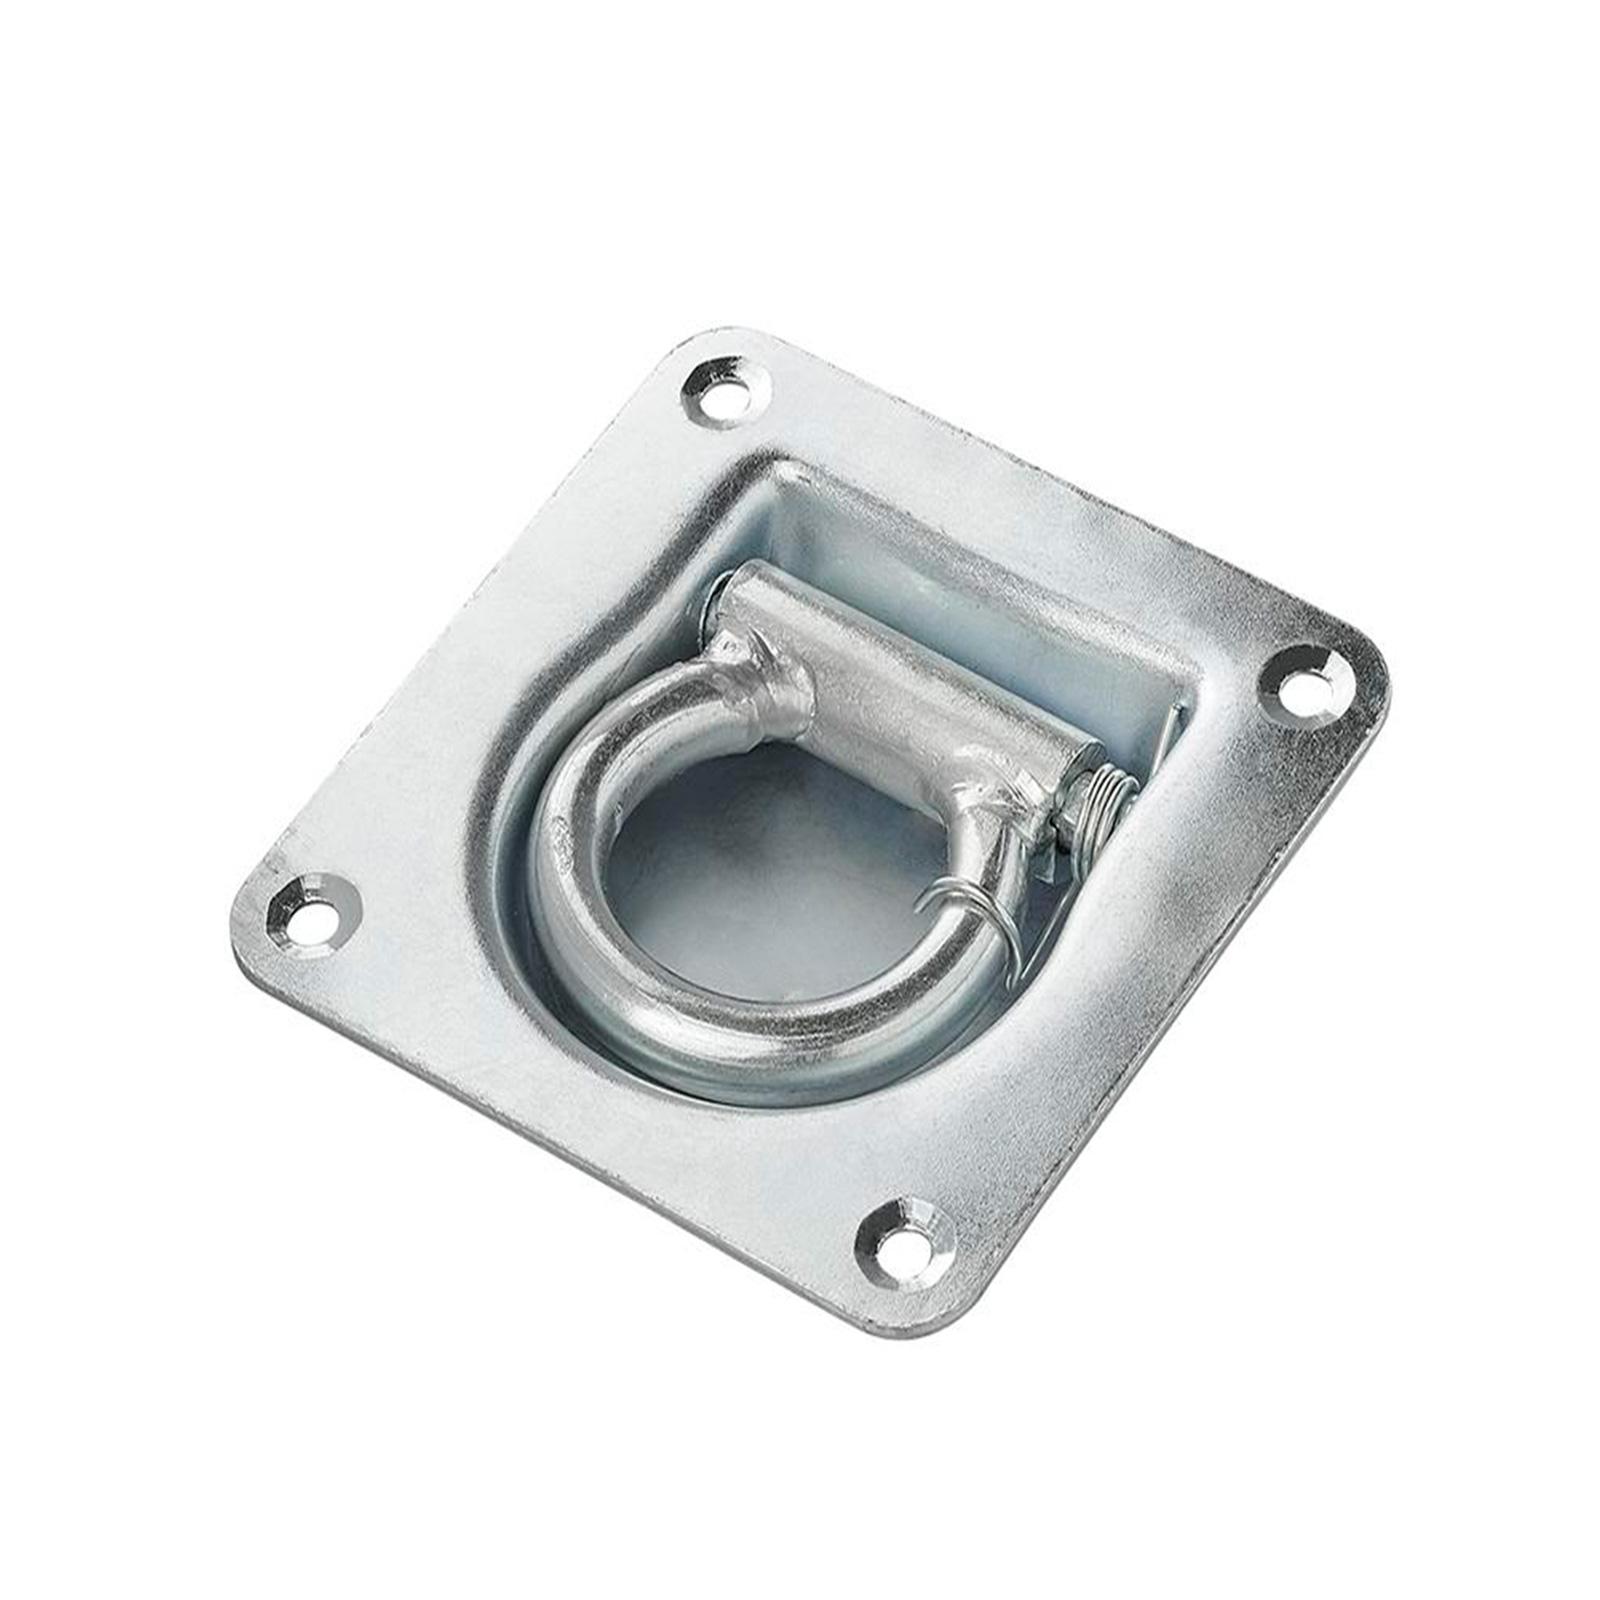 APT® Zurrmulde mit Feder 100mm x 95mm Zugkraft 800Kg verzinkt 60mm Ringöse